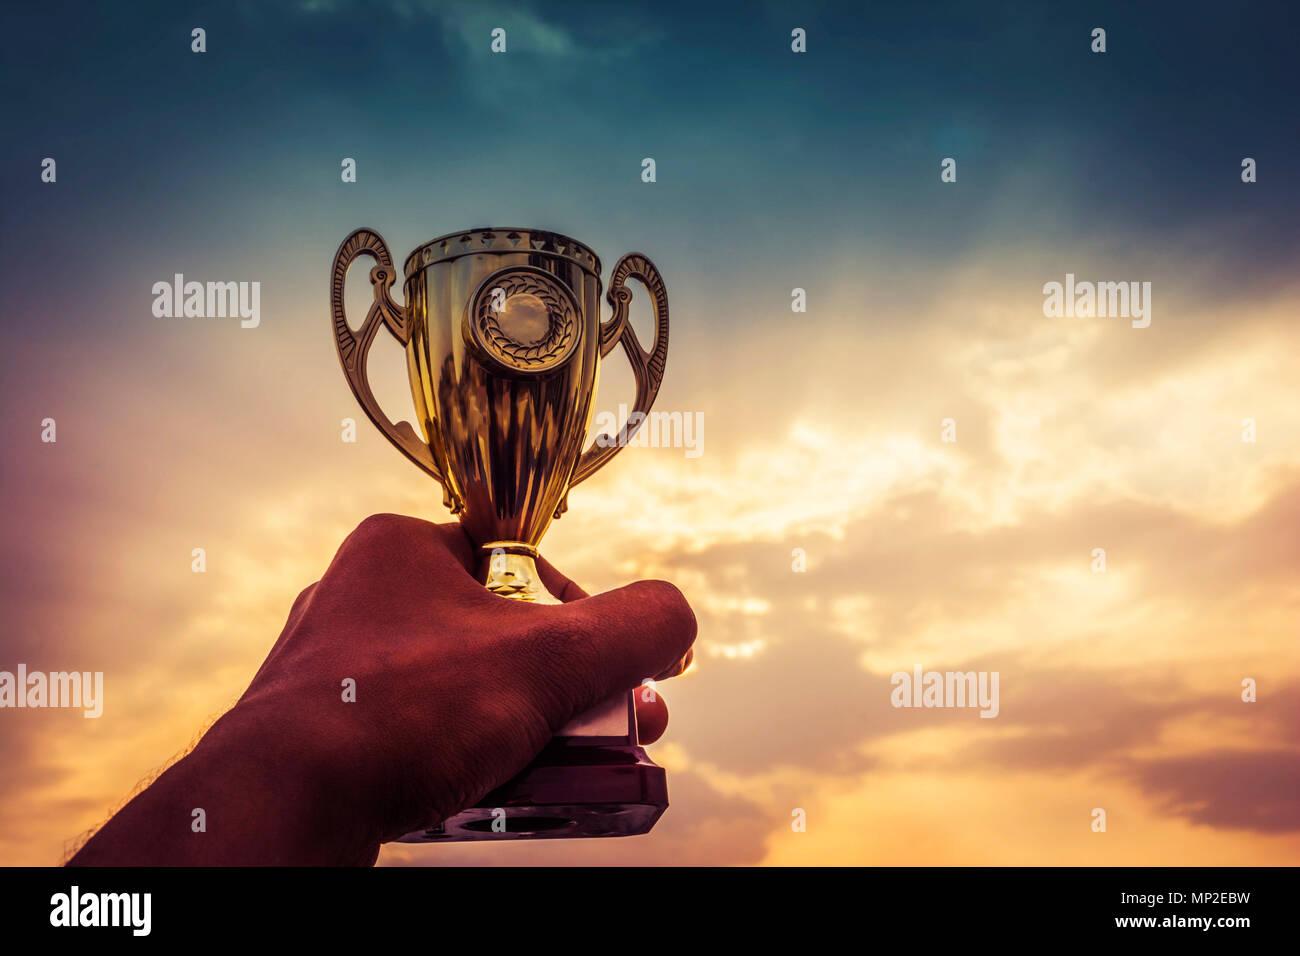 Mano azienda vincitrice del trofeo Immagini Stock